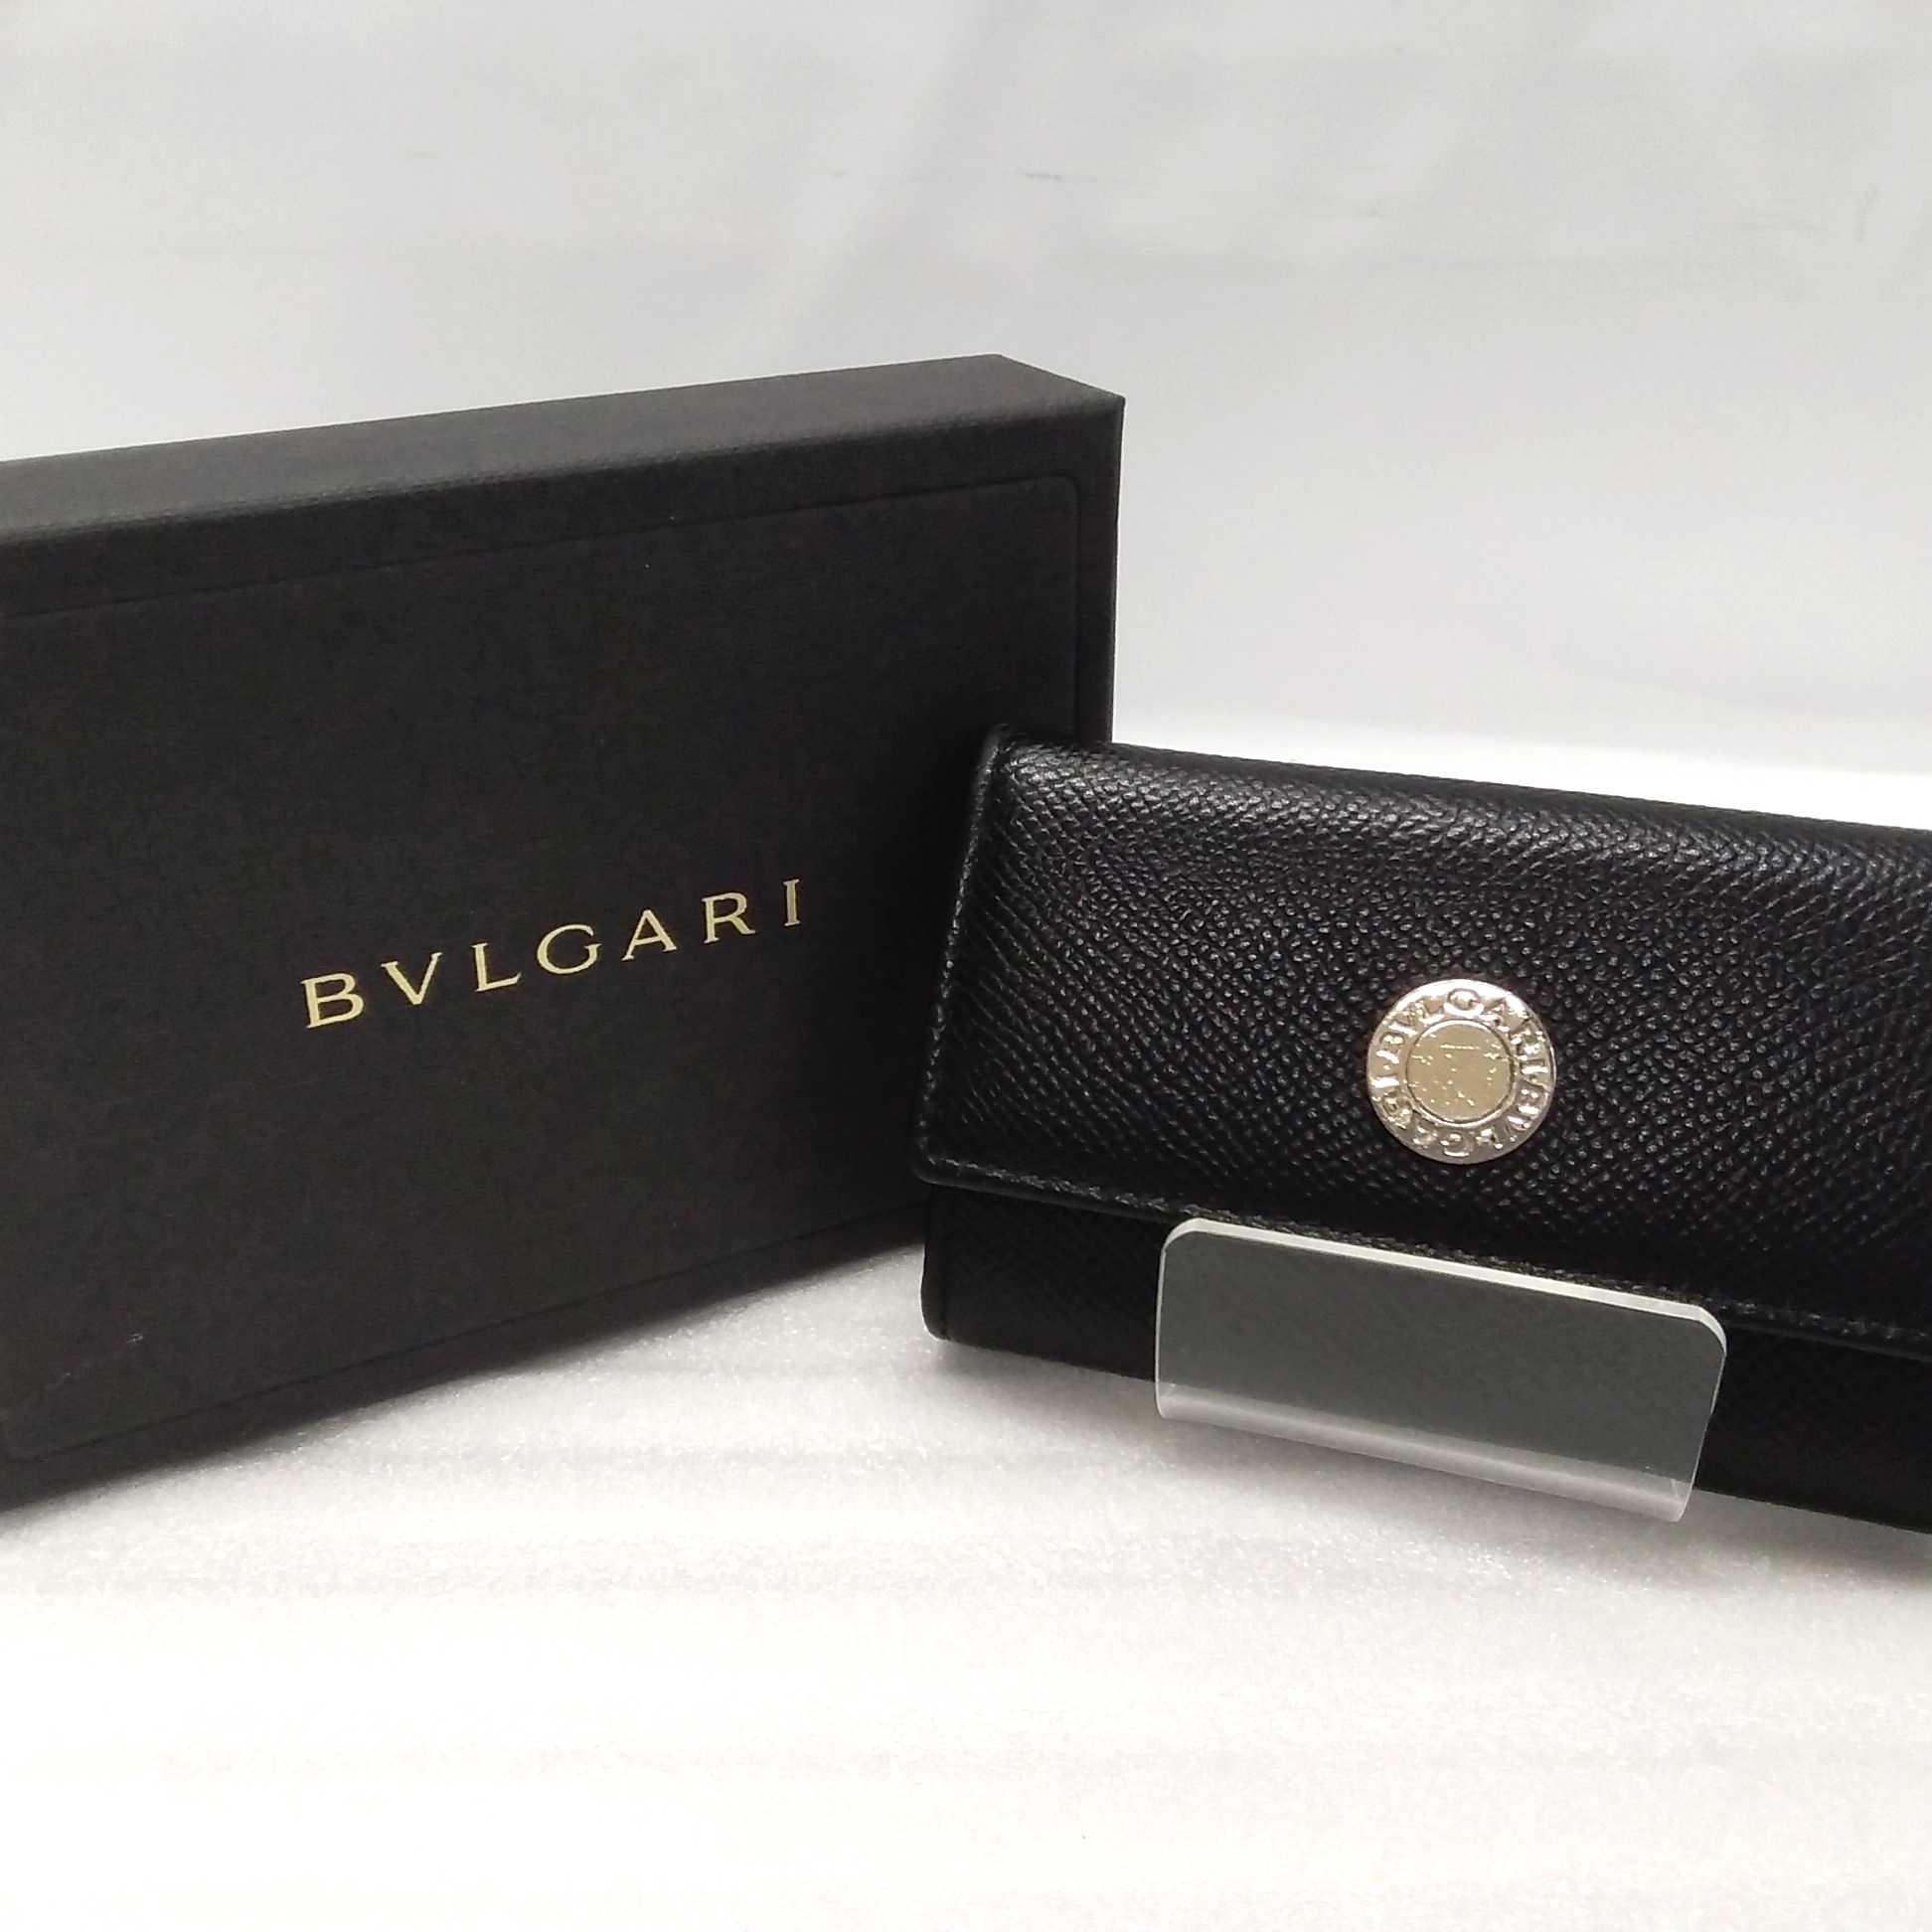 6連キーケース|BVLGARI